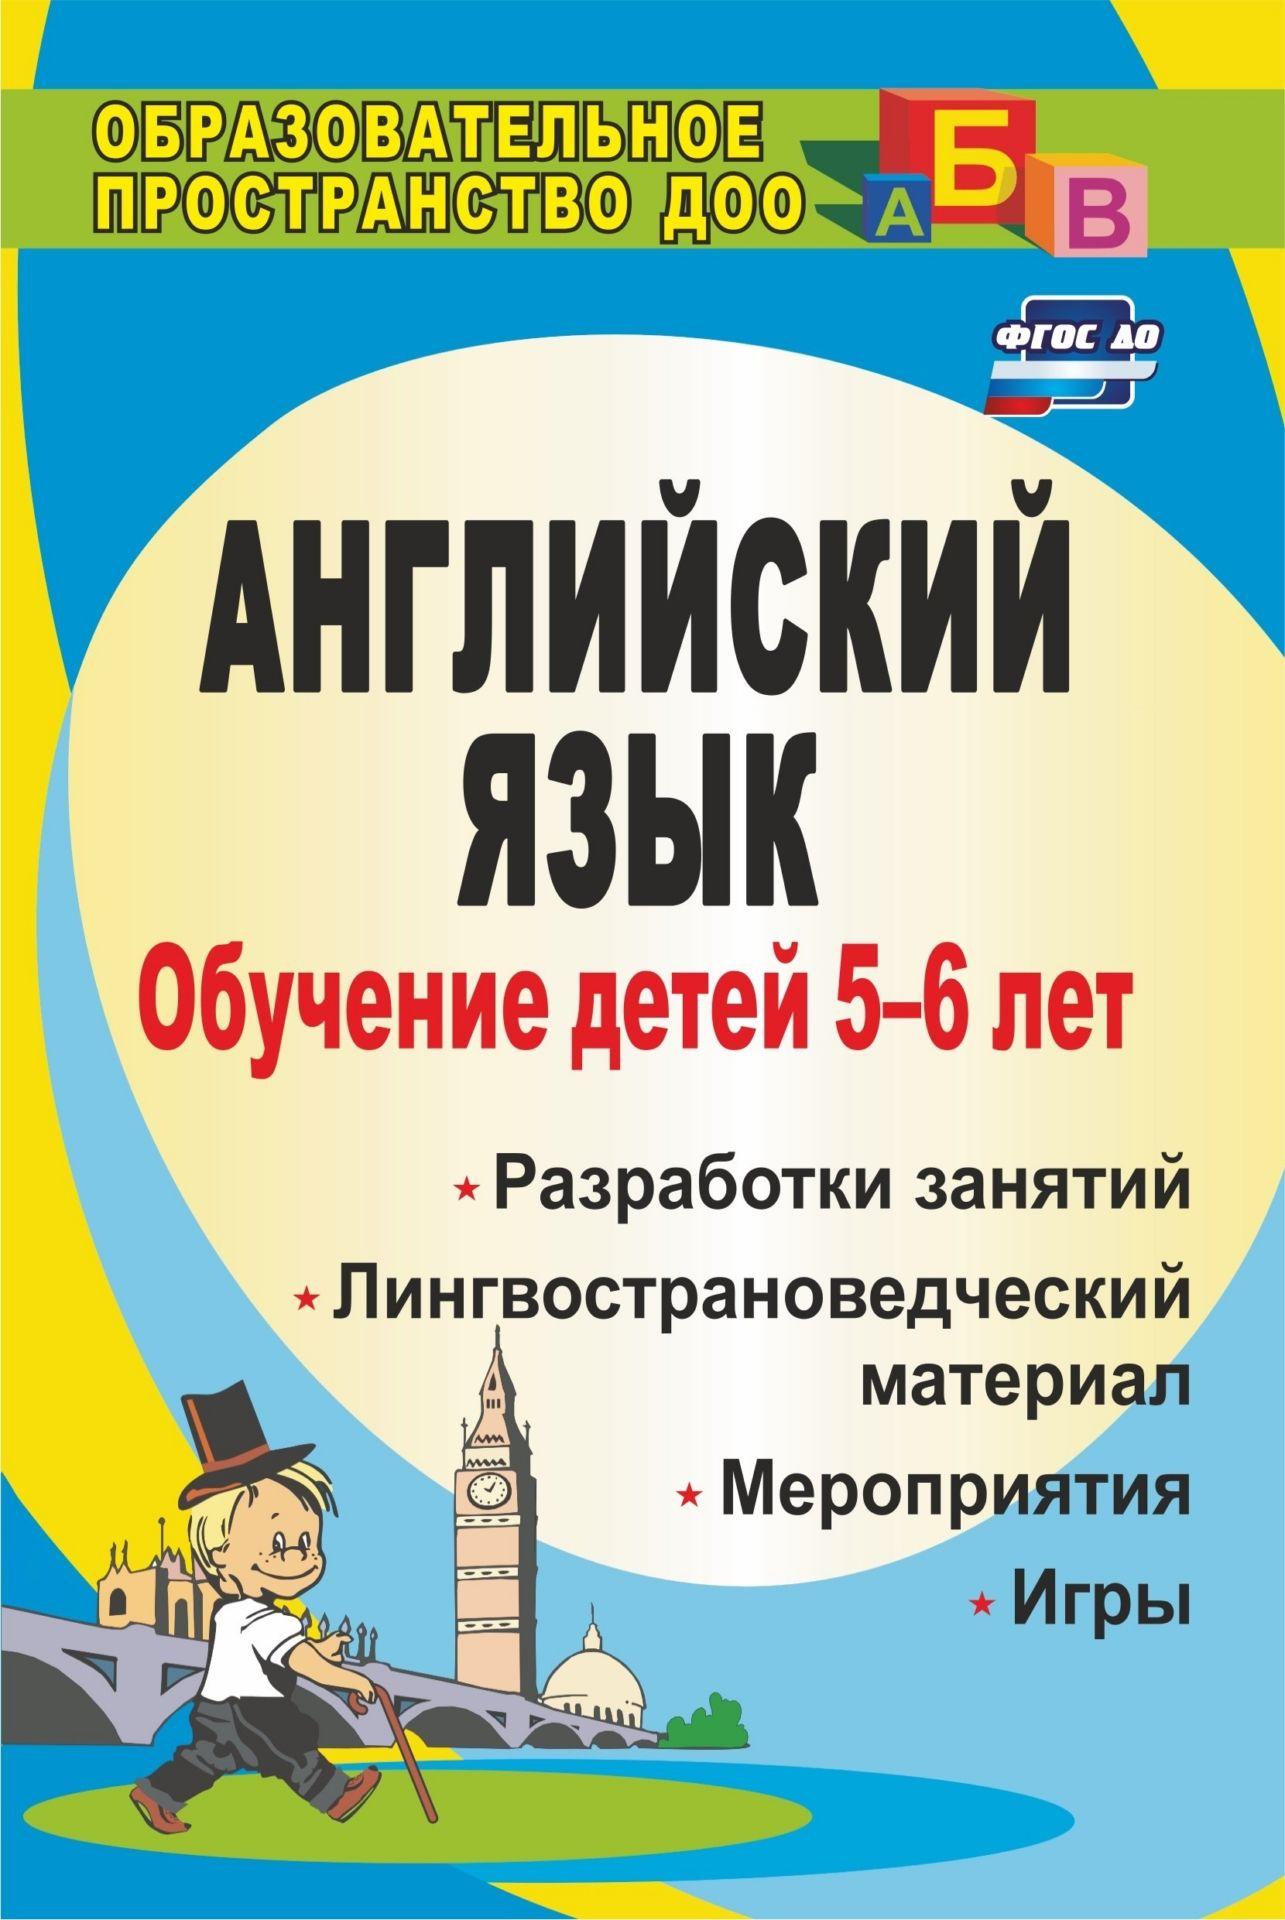 Обучение детей 5-6 лет английскому языку: занятия, игры, мероприятия, лингвострановедчески